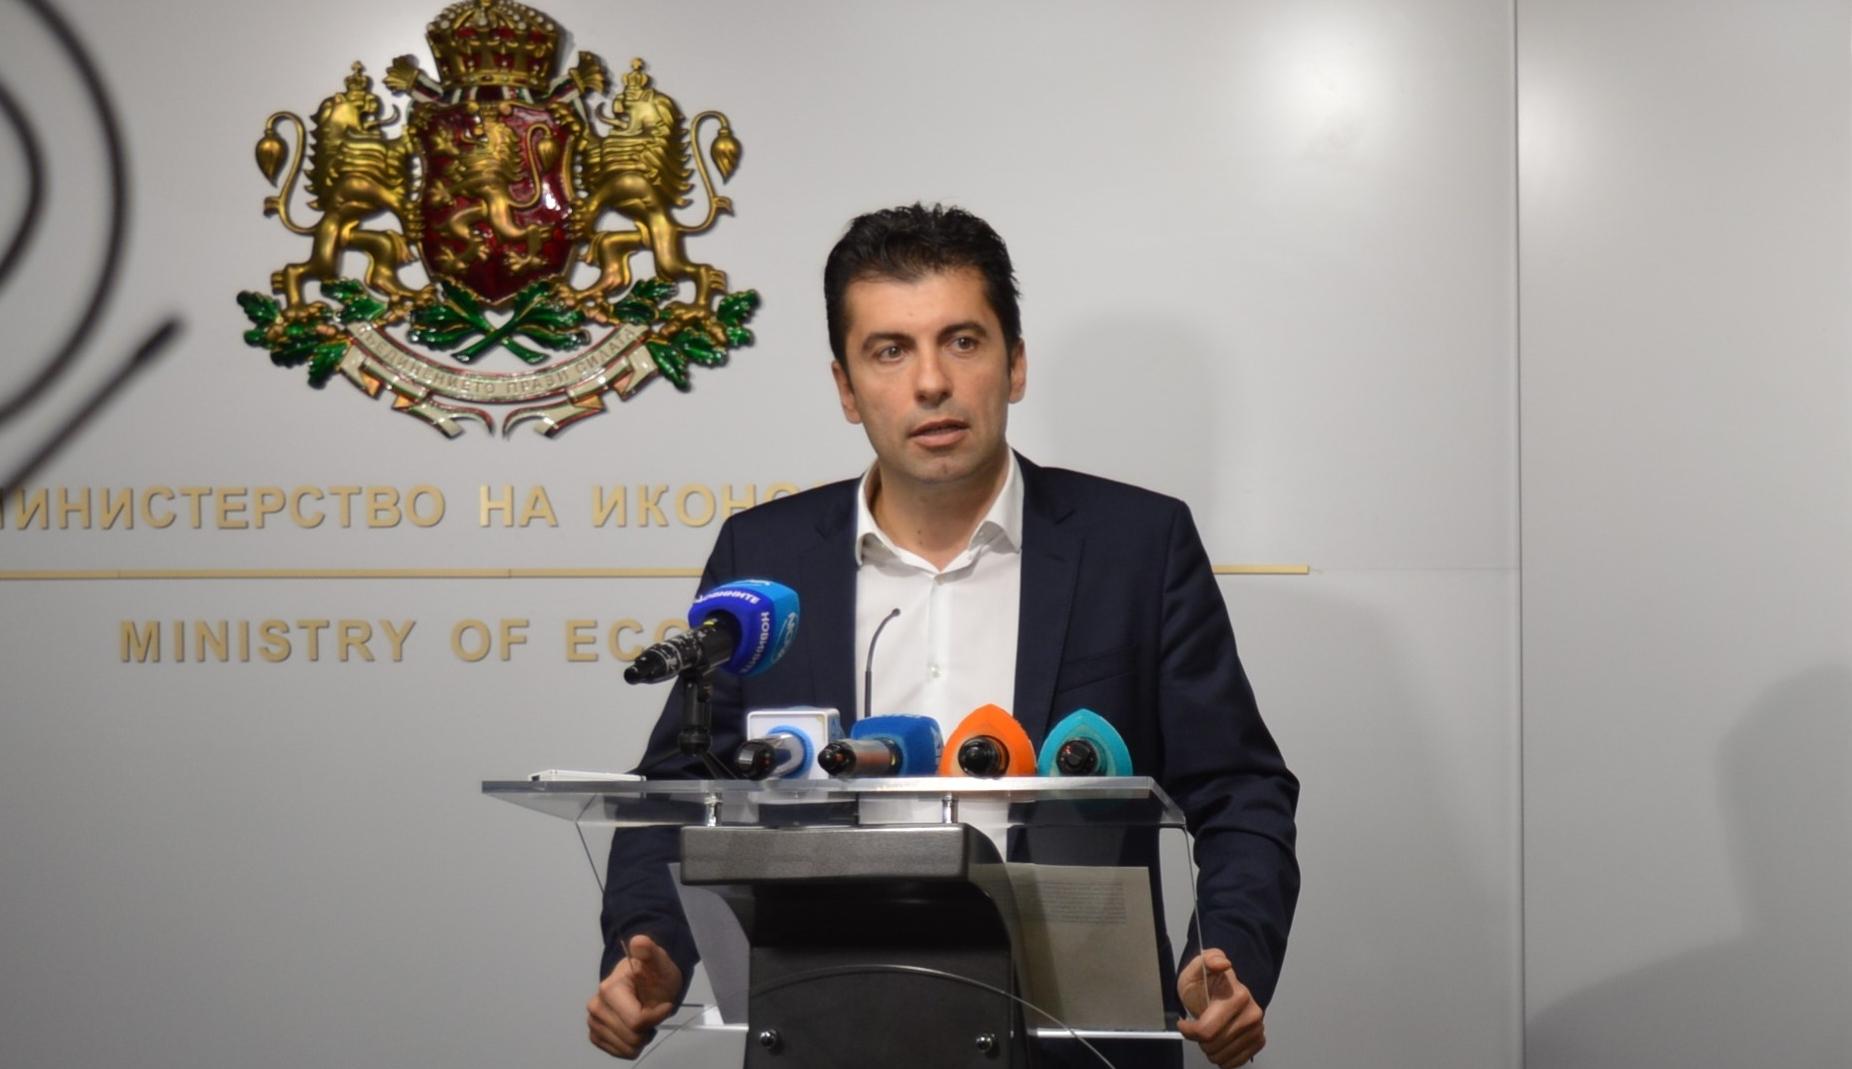 Министър Кирил Петков освободи двама от членовете на Надзорния съвет на ББР